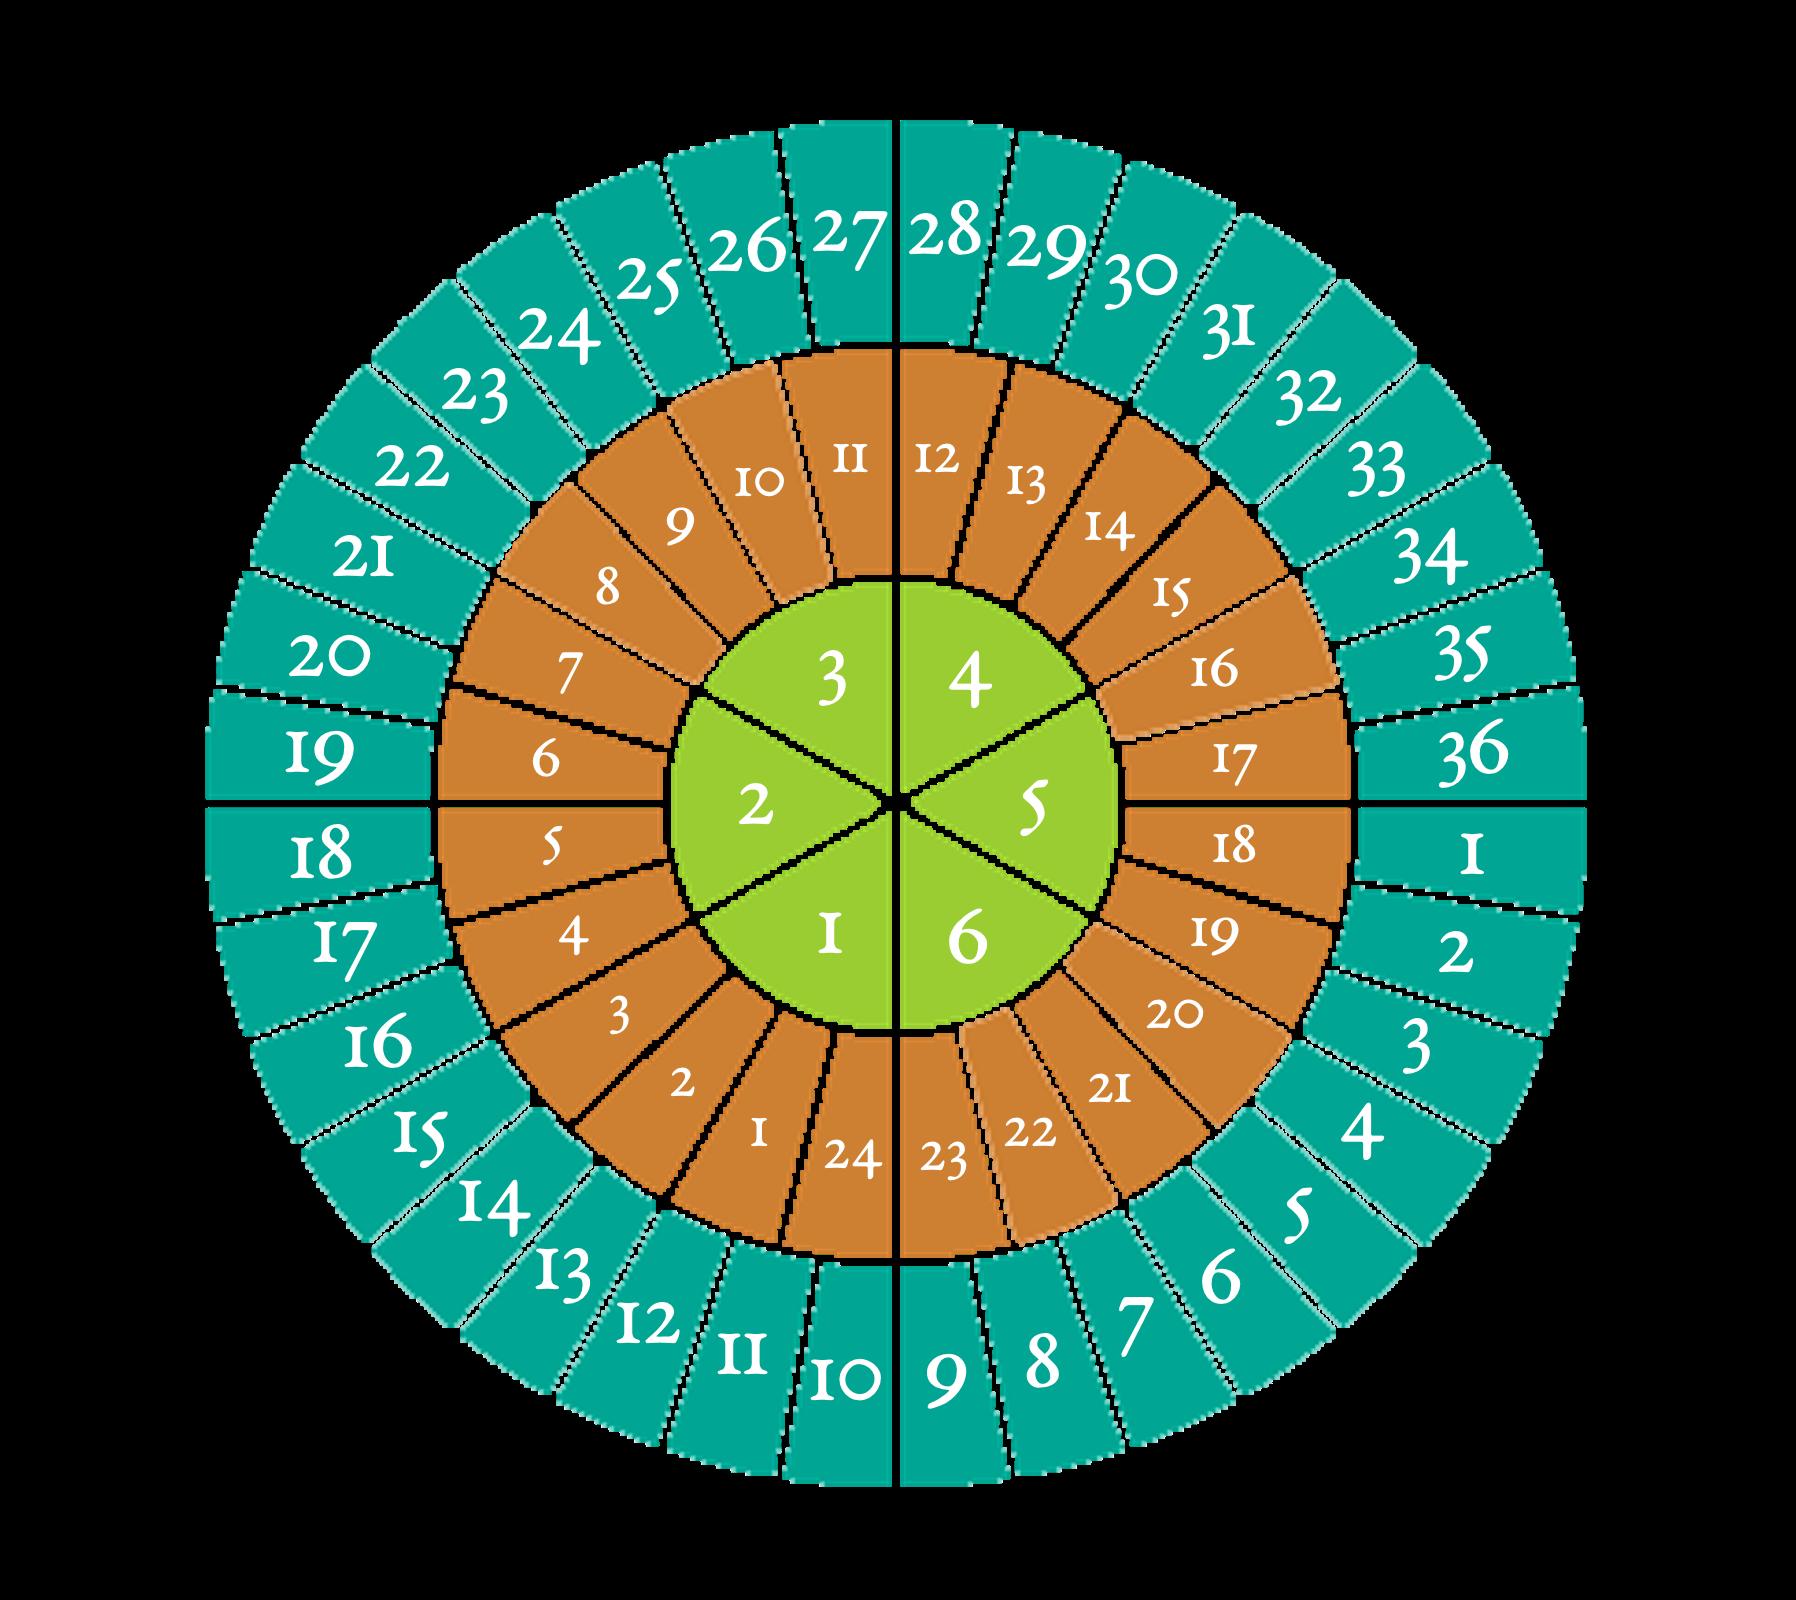 dd08xu5-fa44a37c-c642-4df0-aee1-fa5c0b38